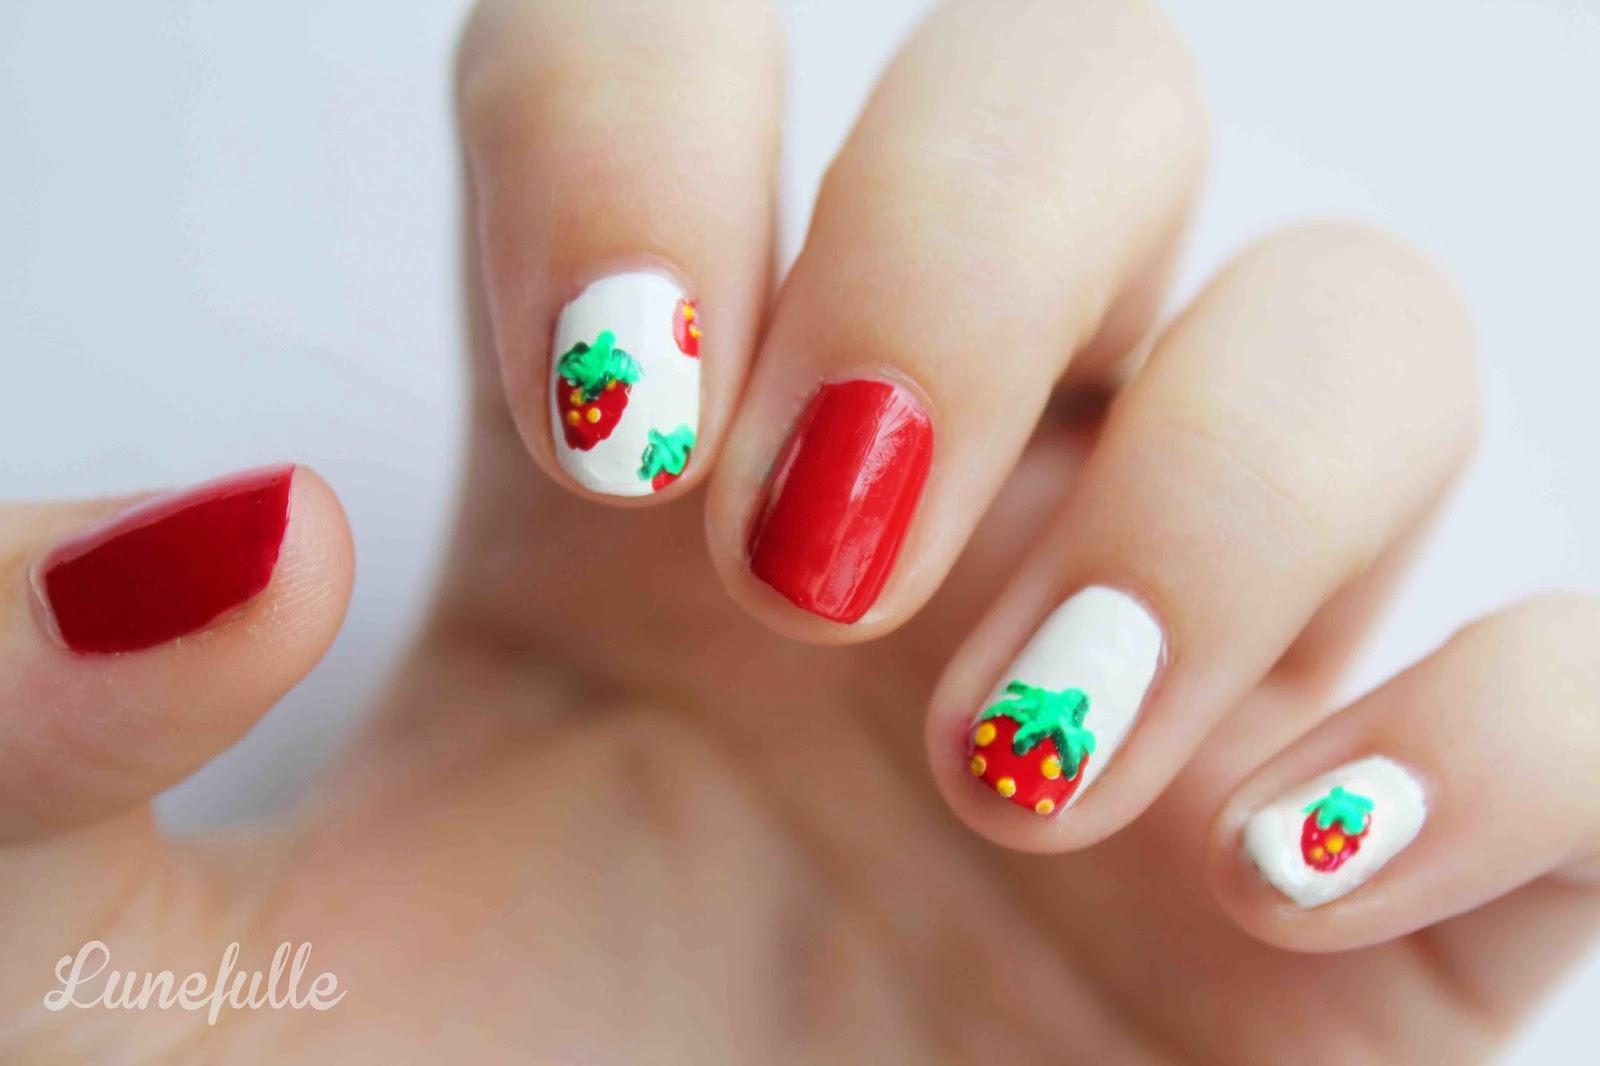 Lunefulle le blog julinfinity le nail art fraise pour bien entrer dans le printemps - Nail art printemps ...